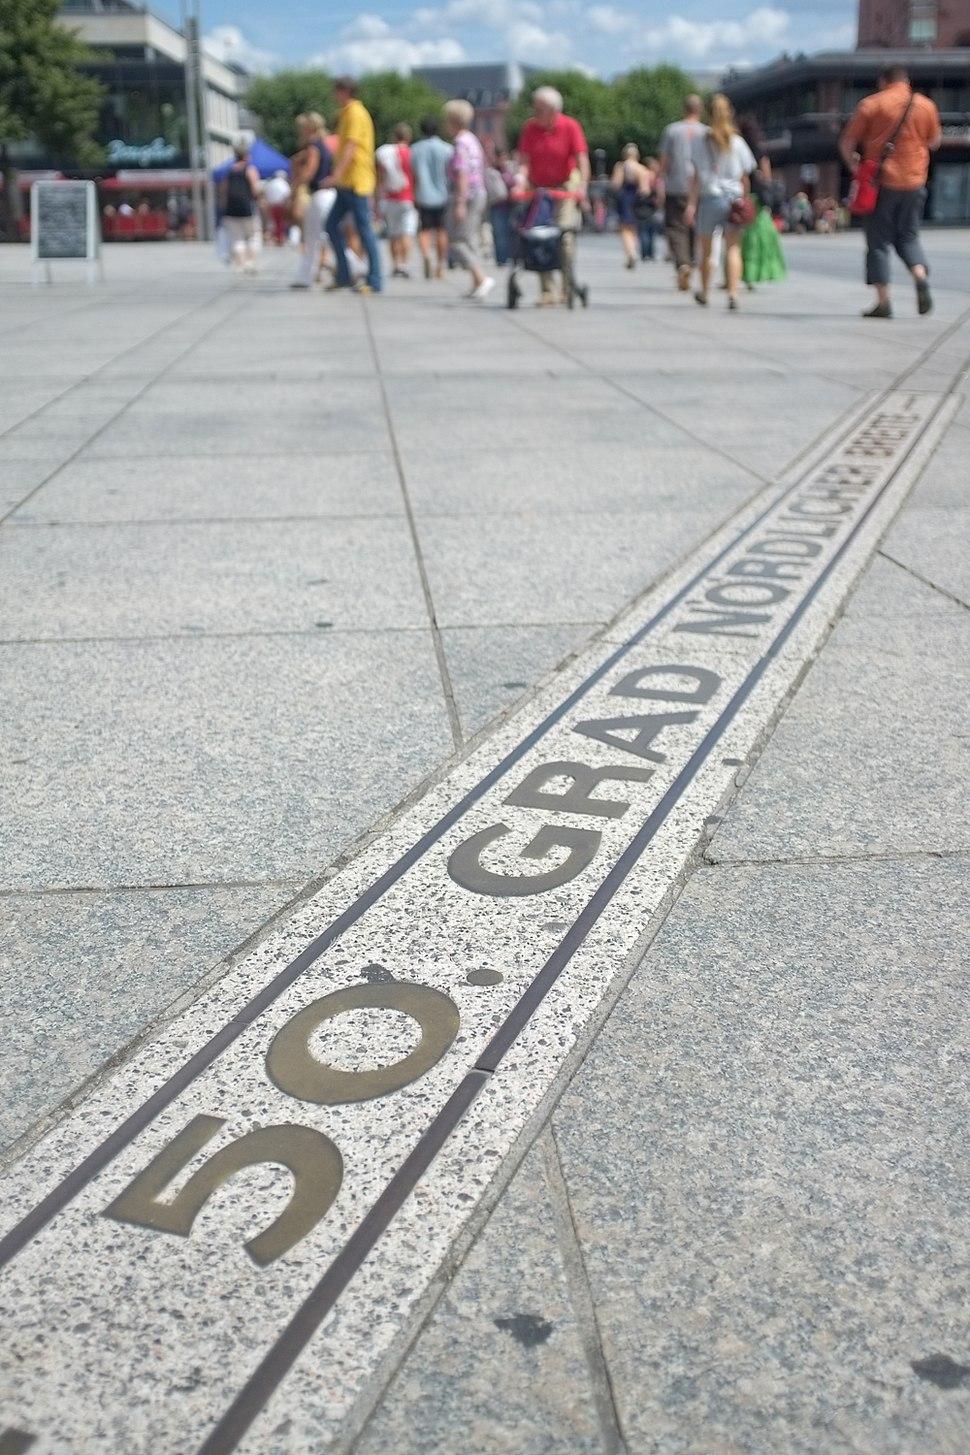 50. Breitengrad in Mainz